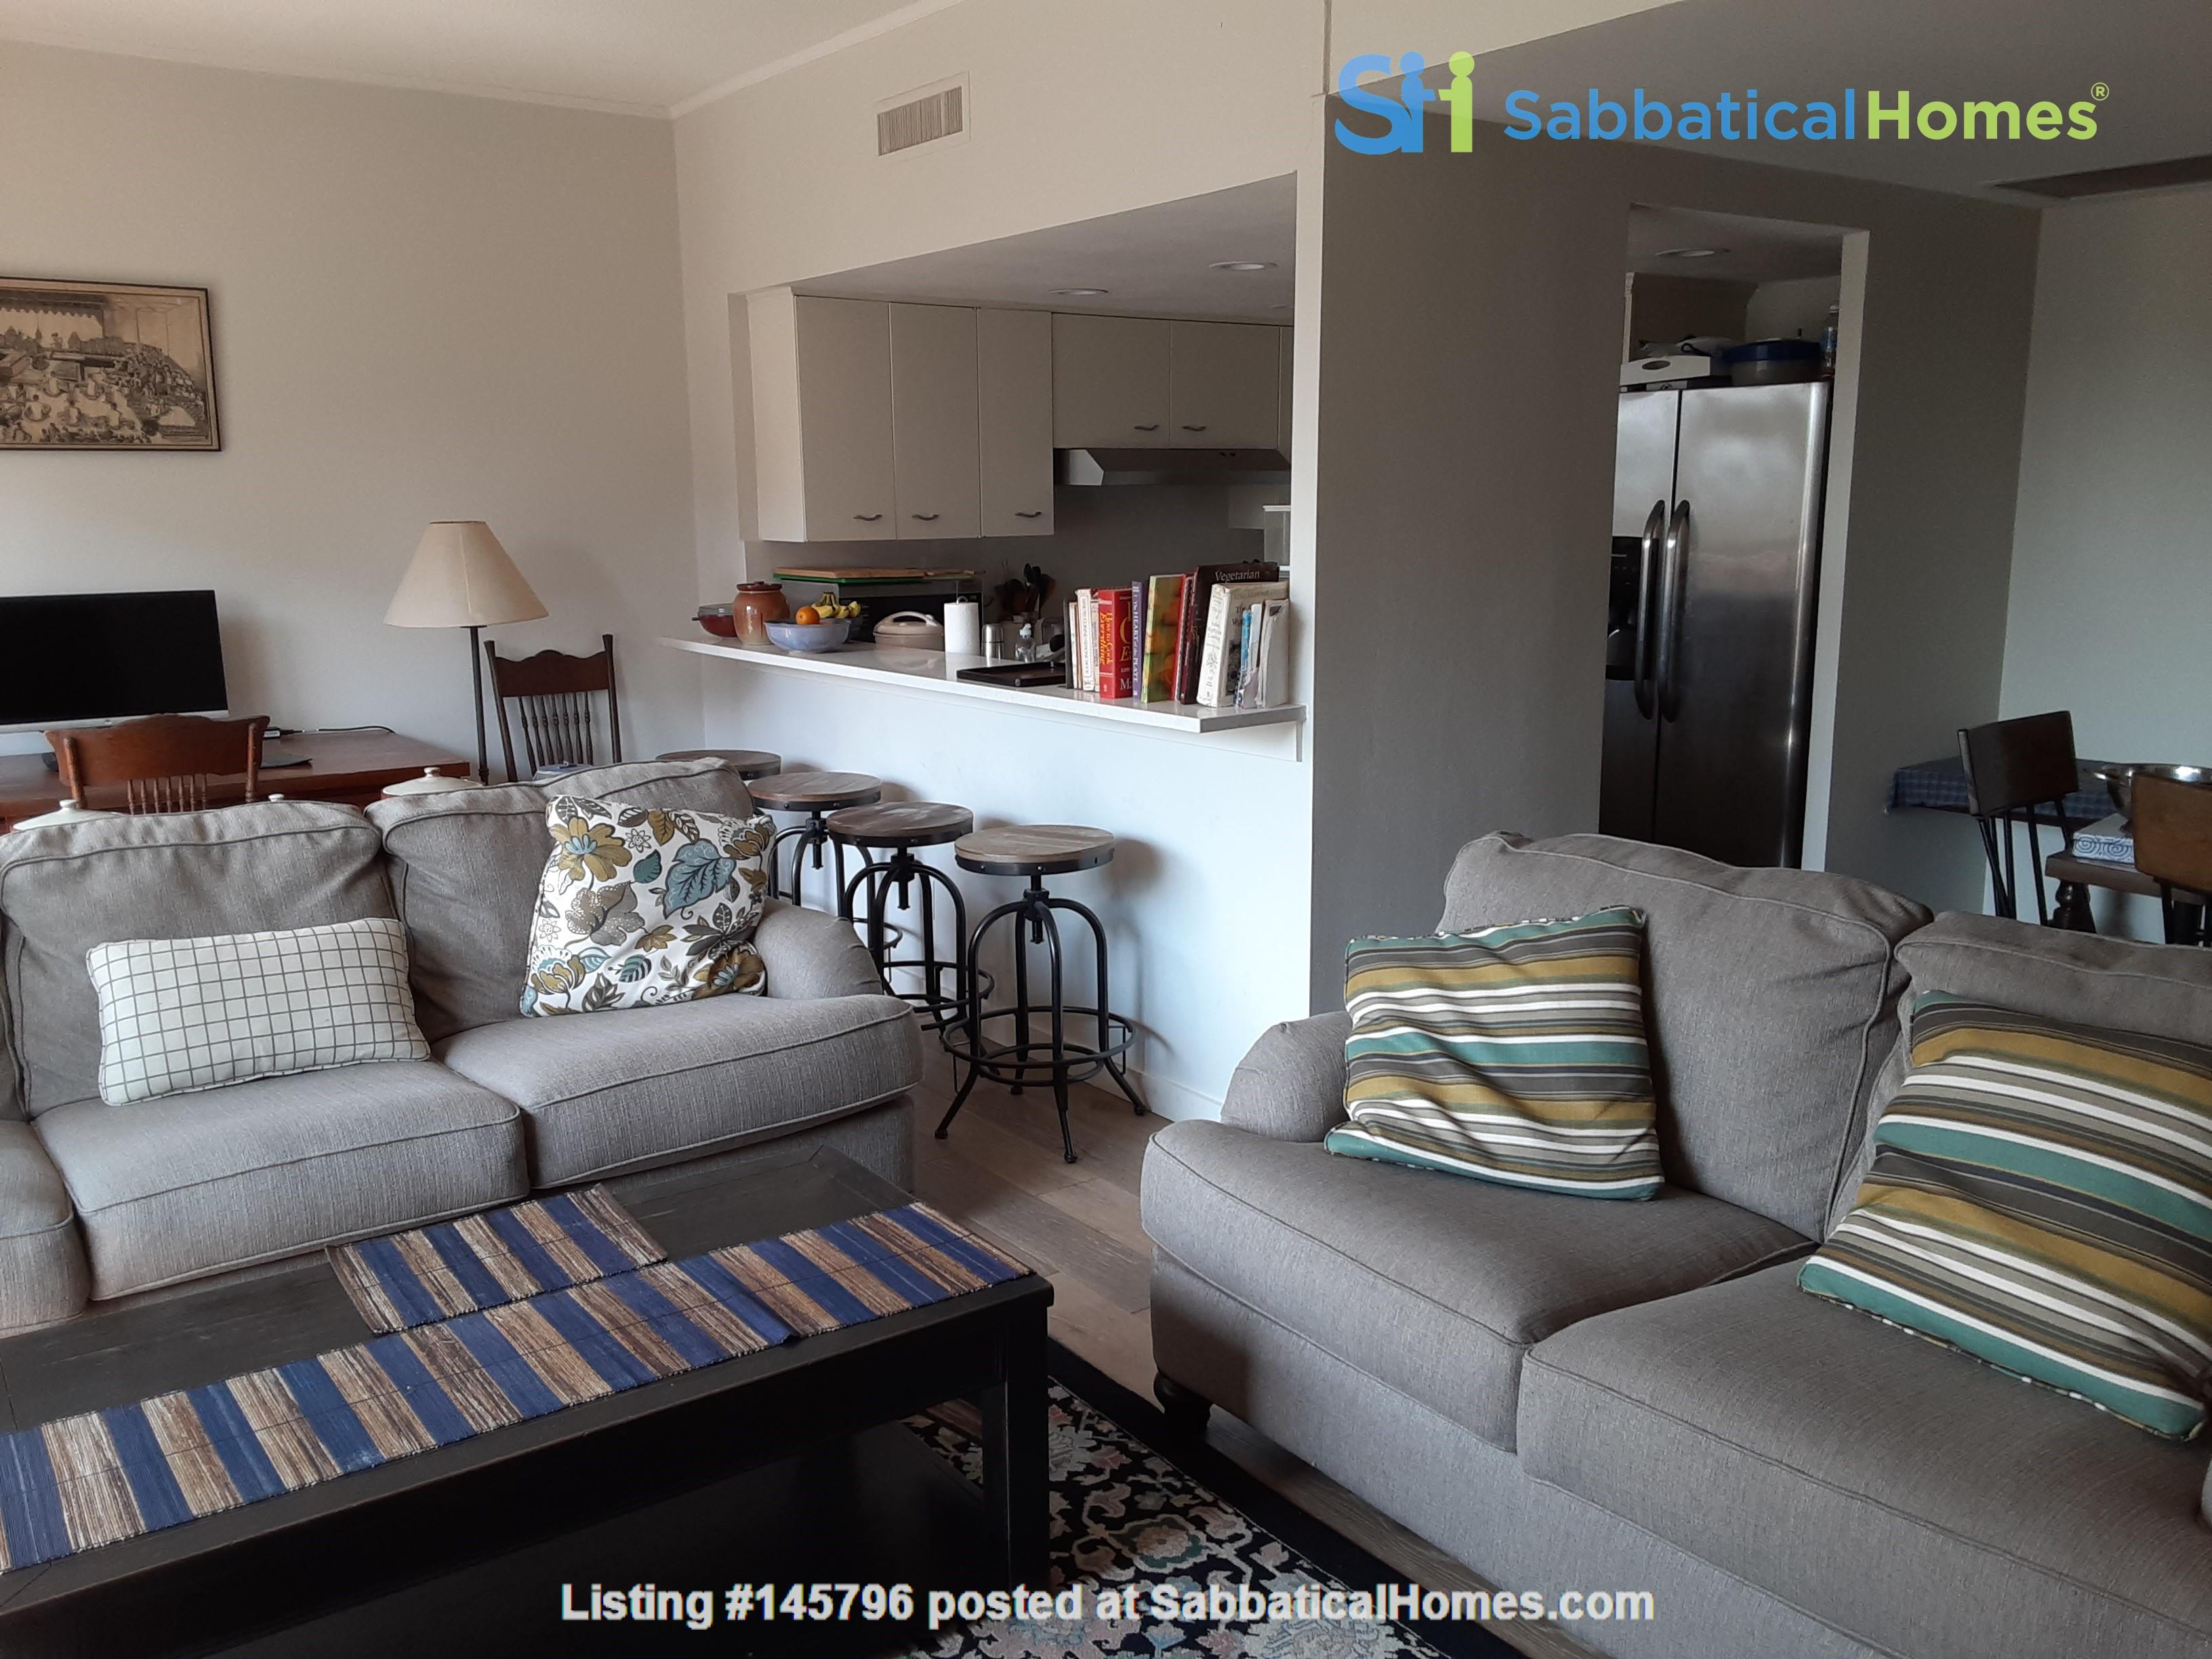 Airy 2-bd, 2-bth condominium facing UT campus. Home Rental in Austin 1